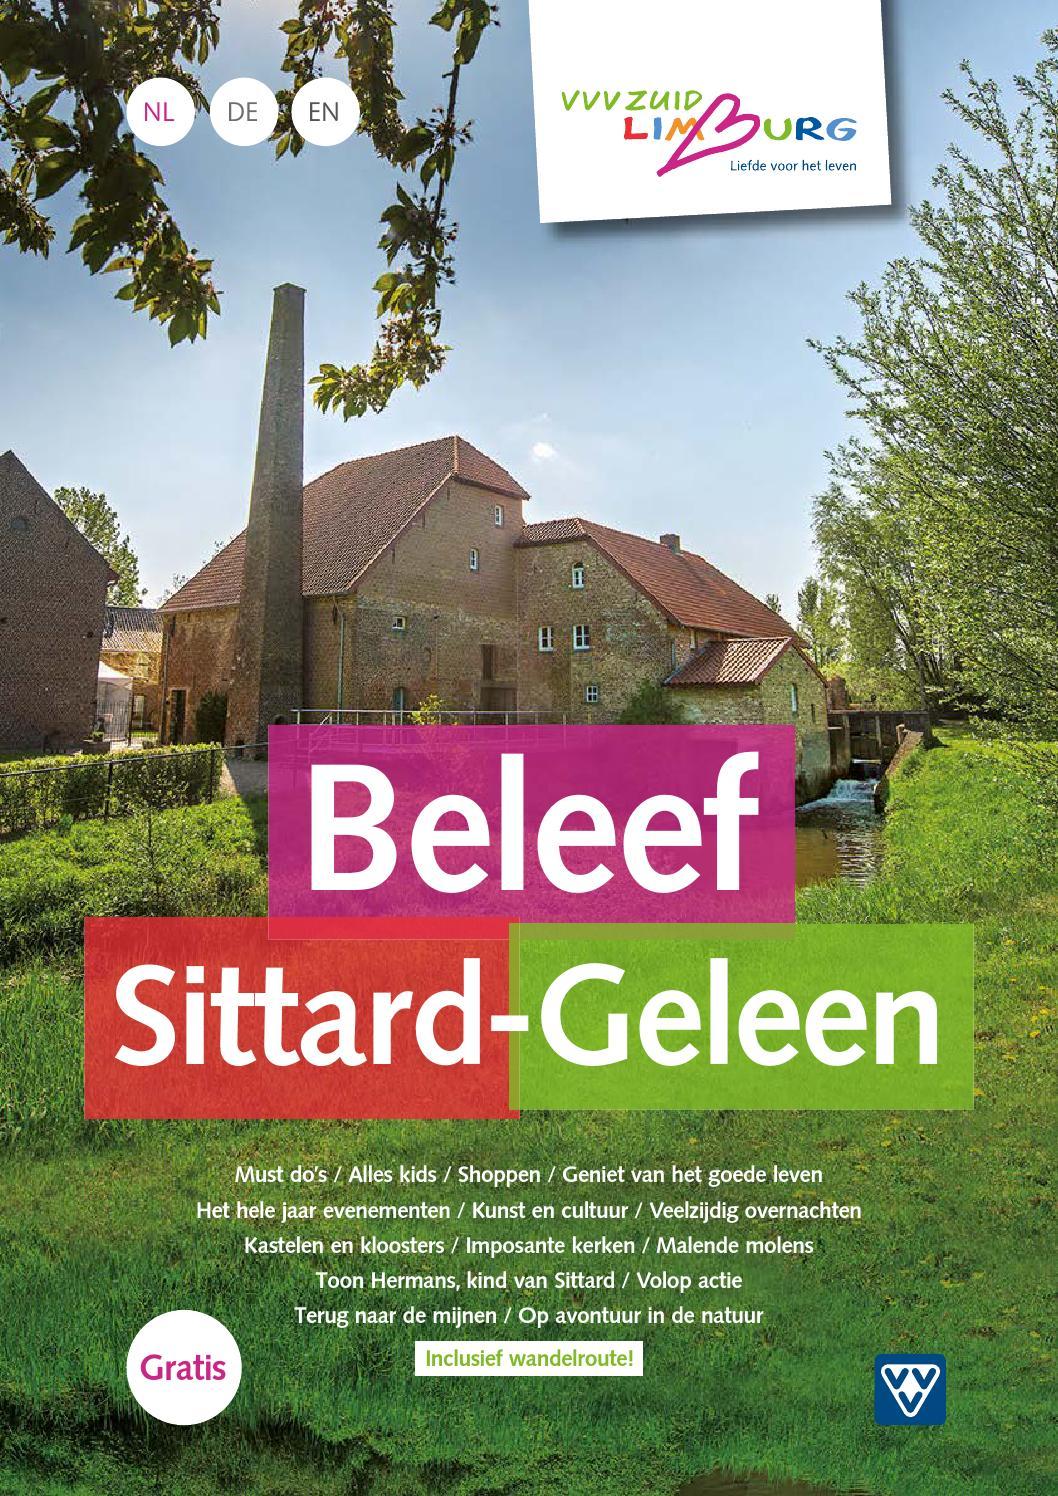 Vvv Zuid Limburg Beleef Sittard Geleen By Visit Zuid